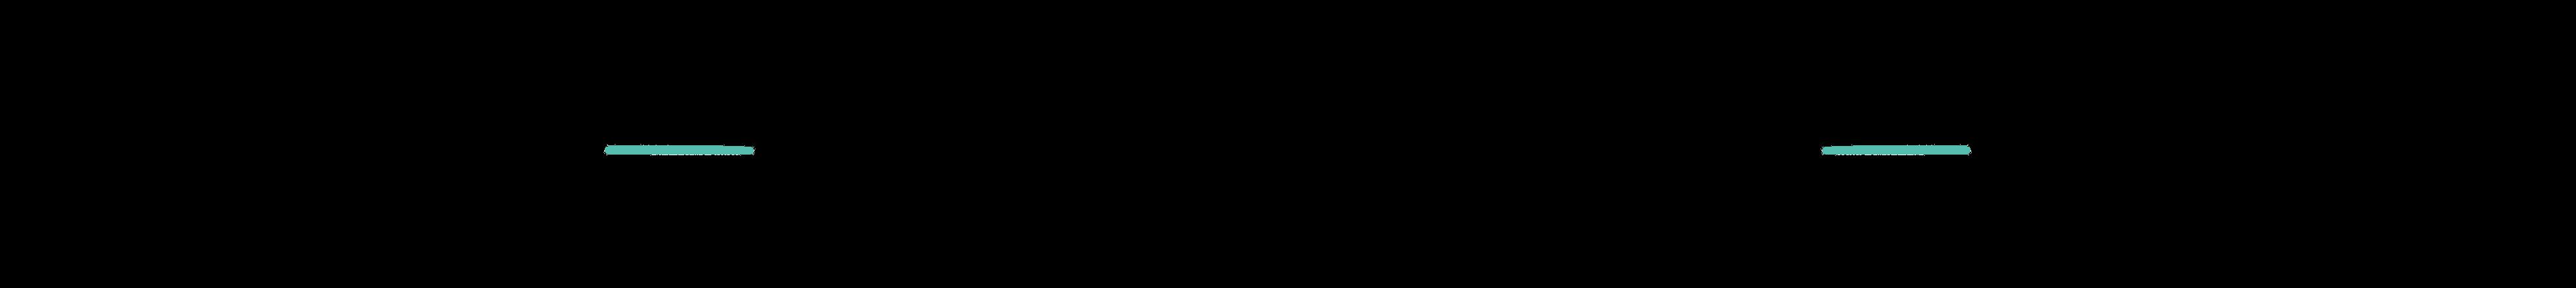 phhcampus2